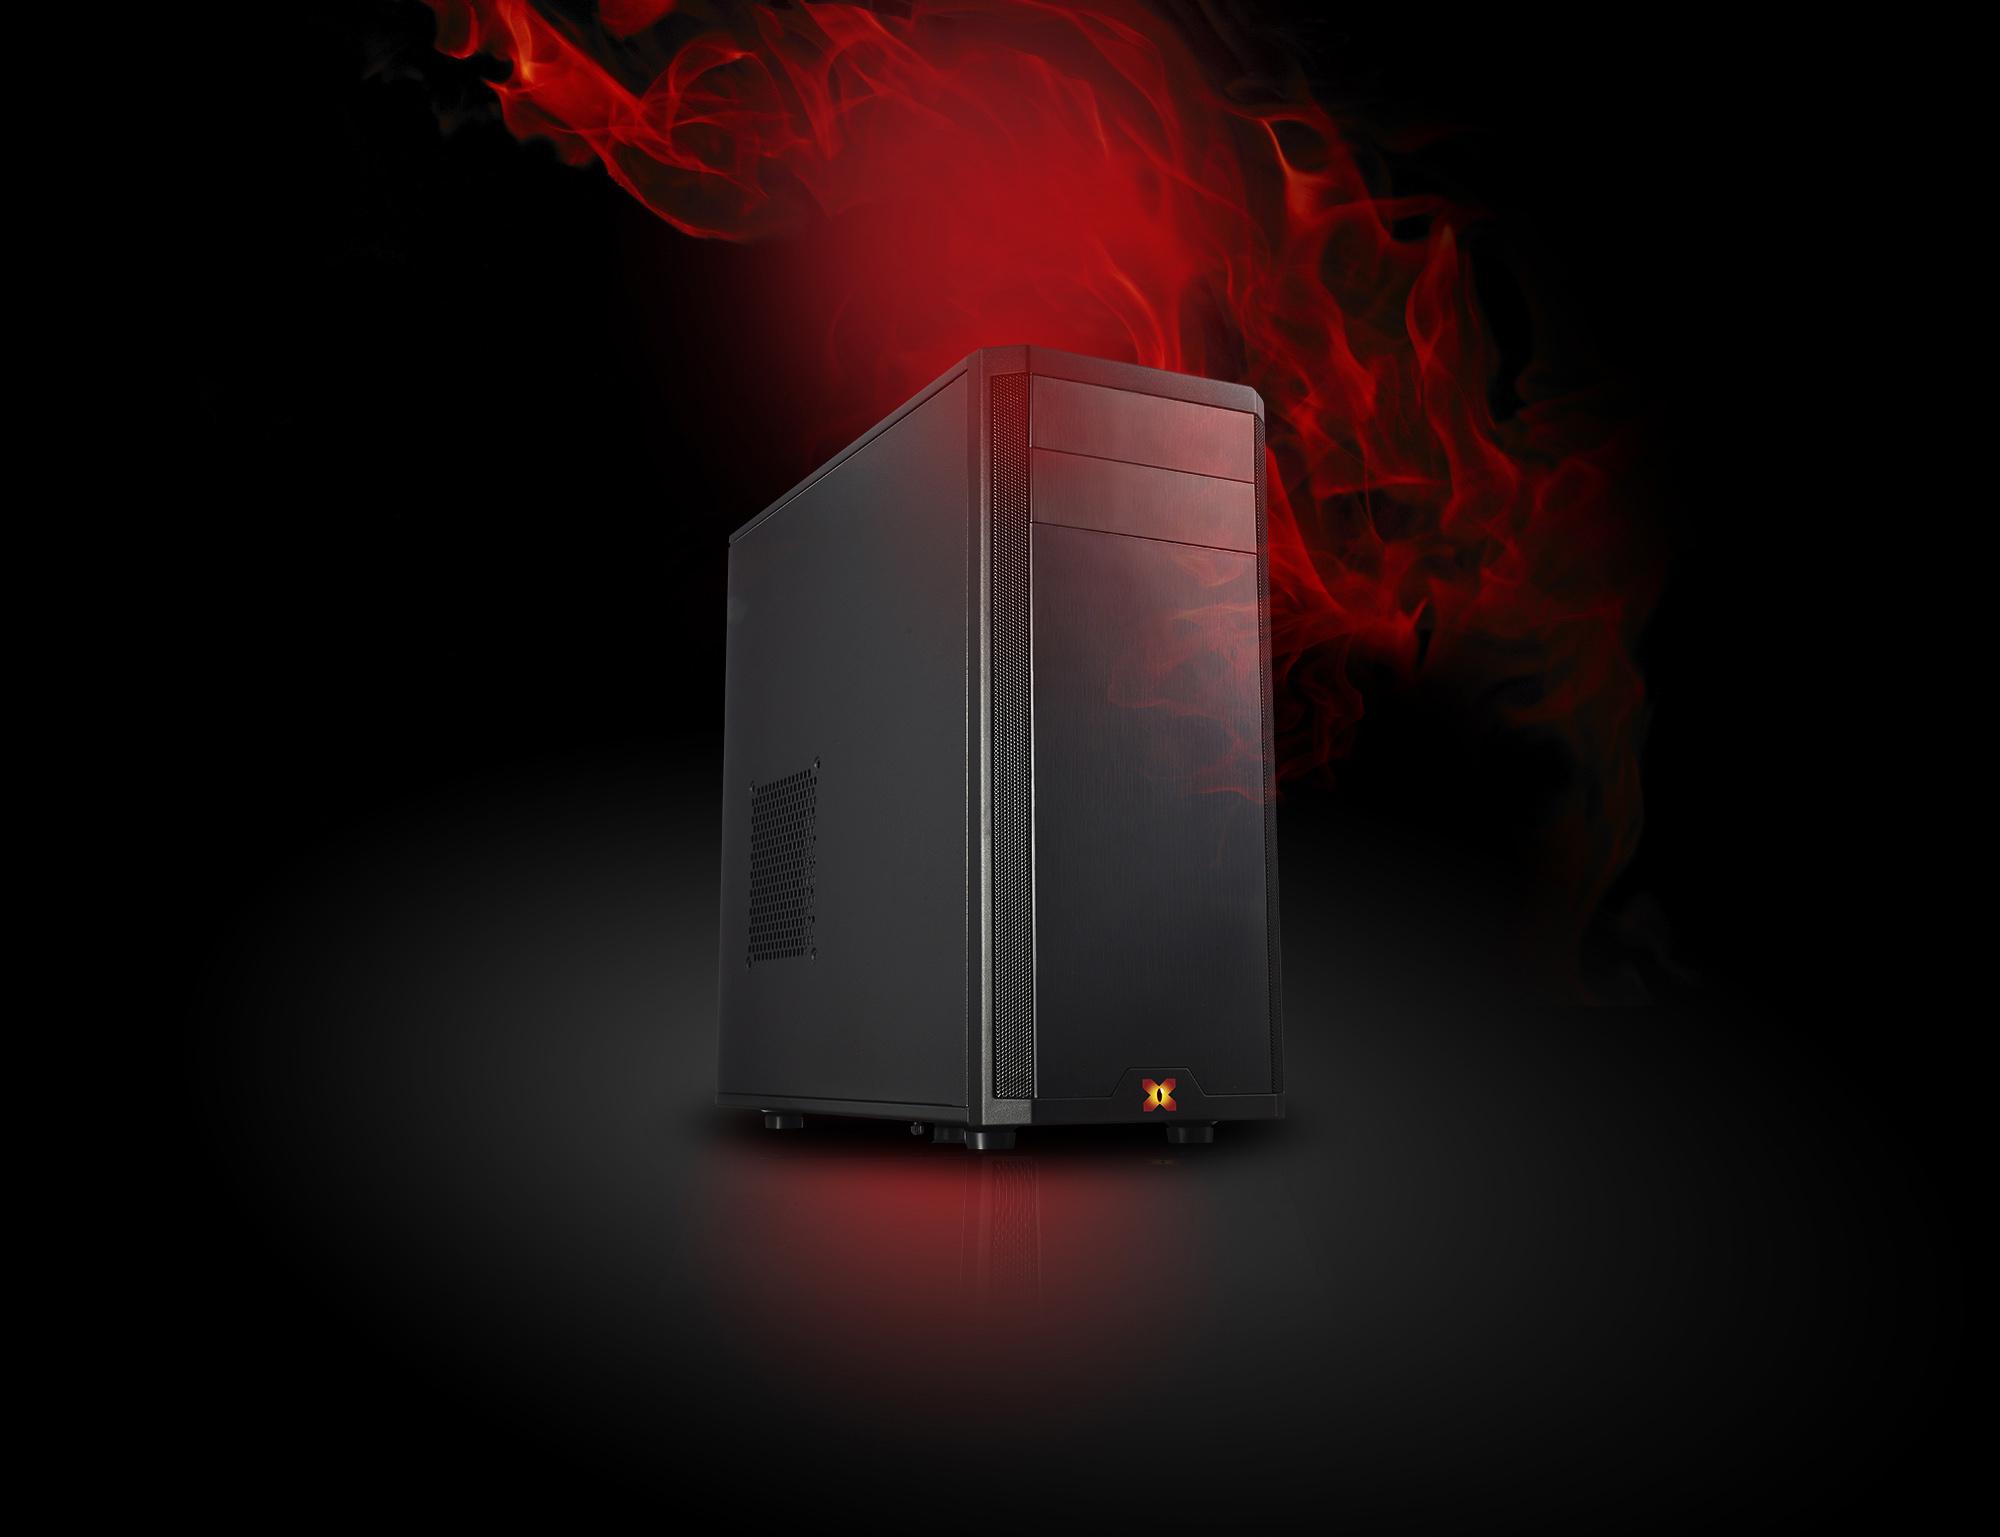 X-DIABLO Gamer 5 2060 (i5-9400F/16GB/SSD 500GB NVME/1TB HDD/RTX2060 6GB/W10)